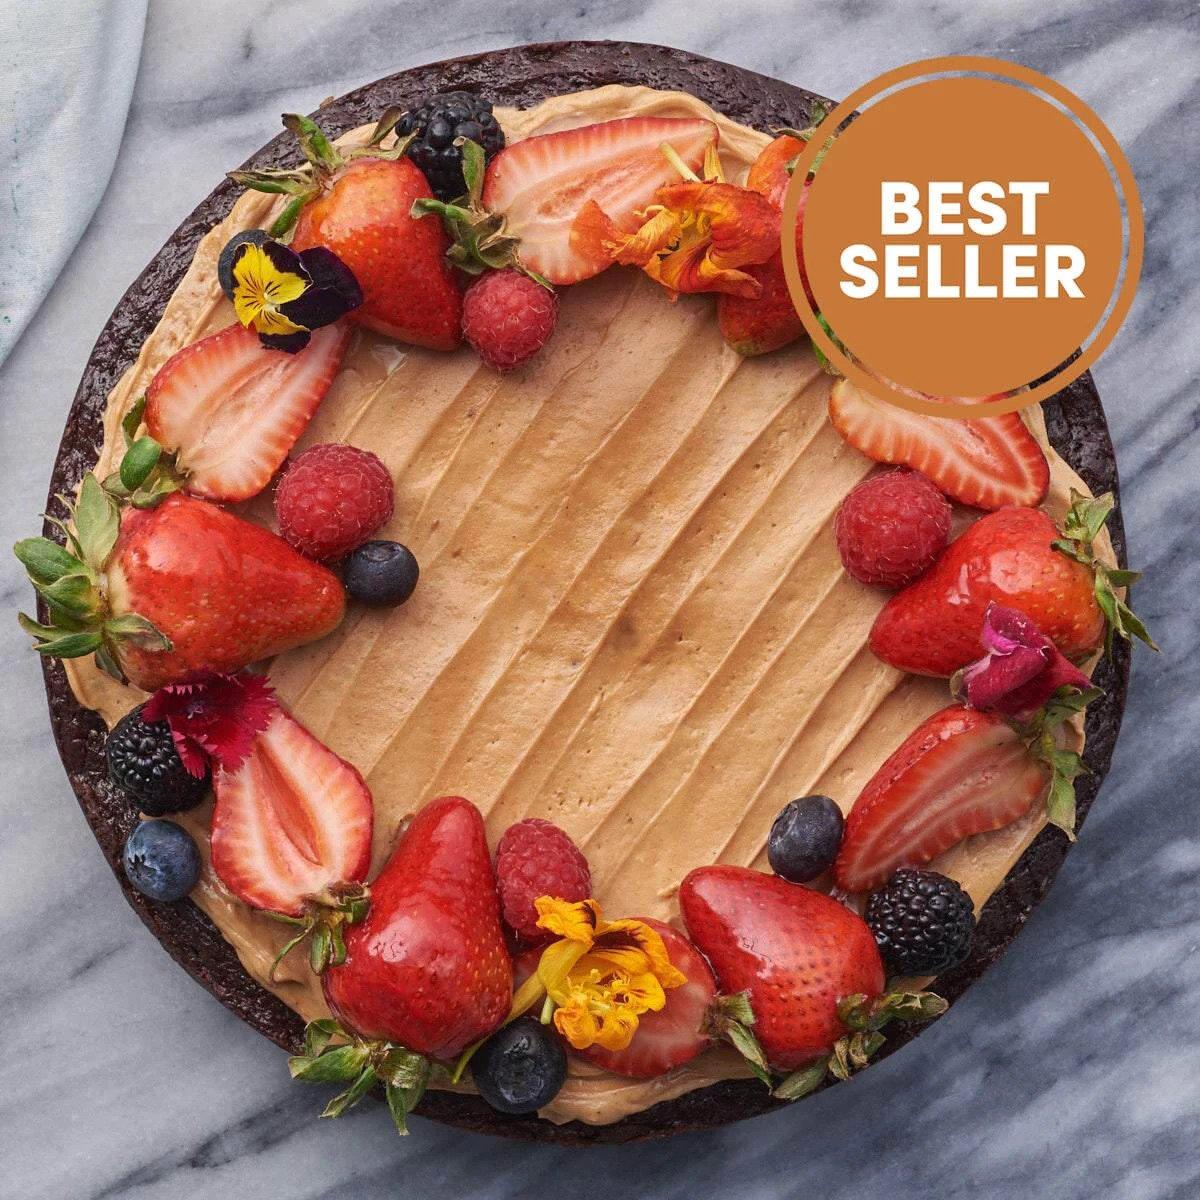 Best Seller Cake Section